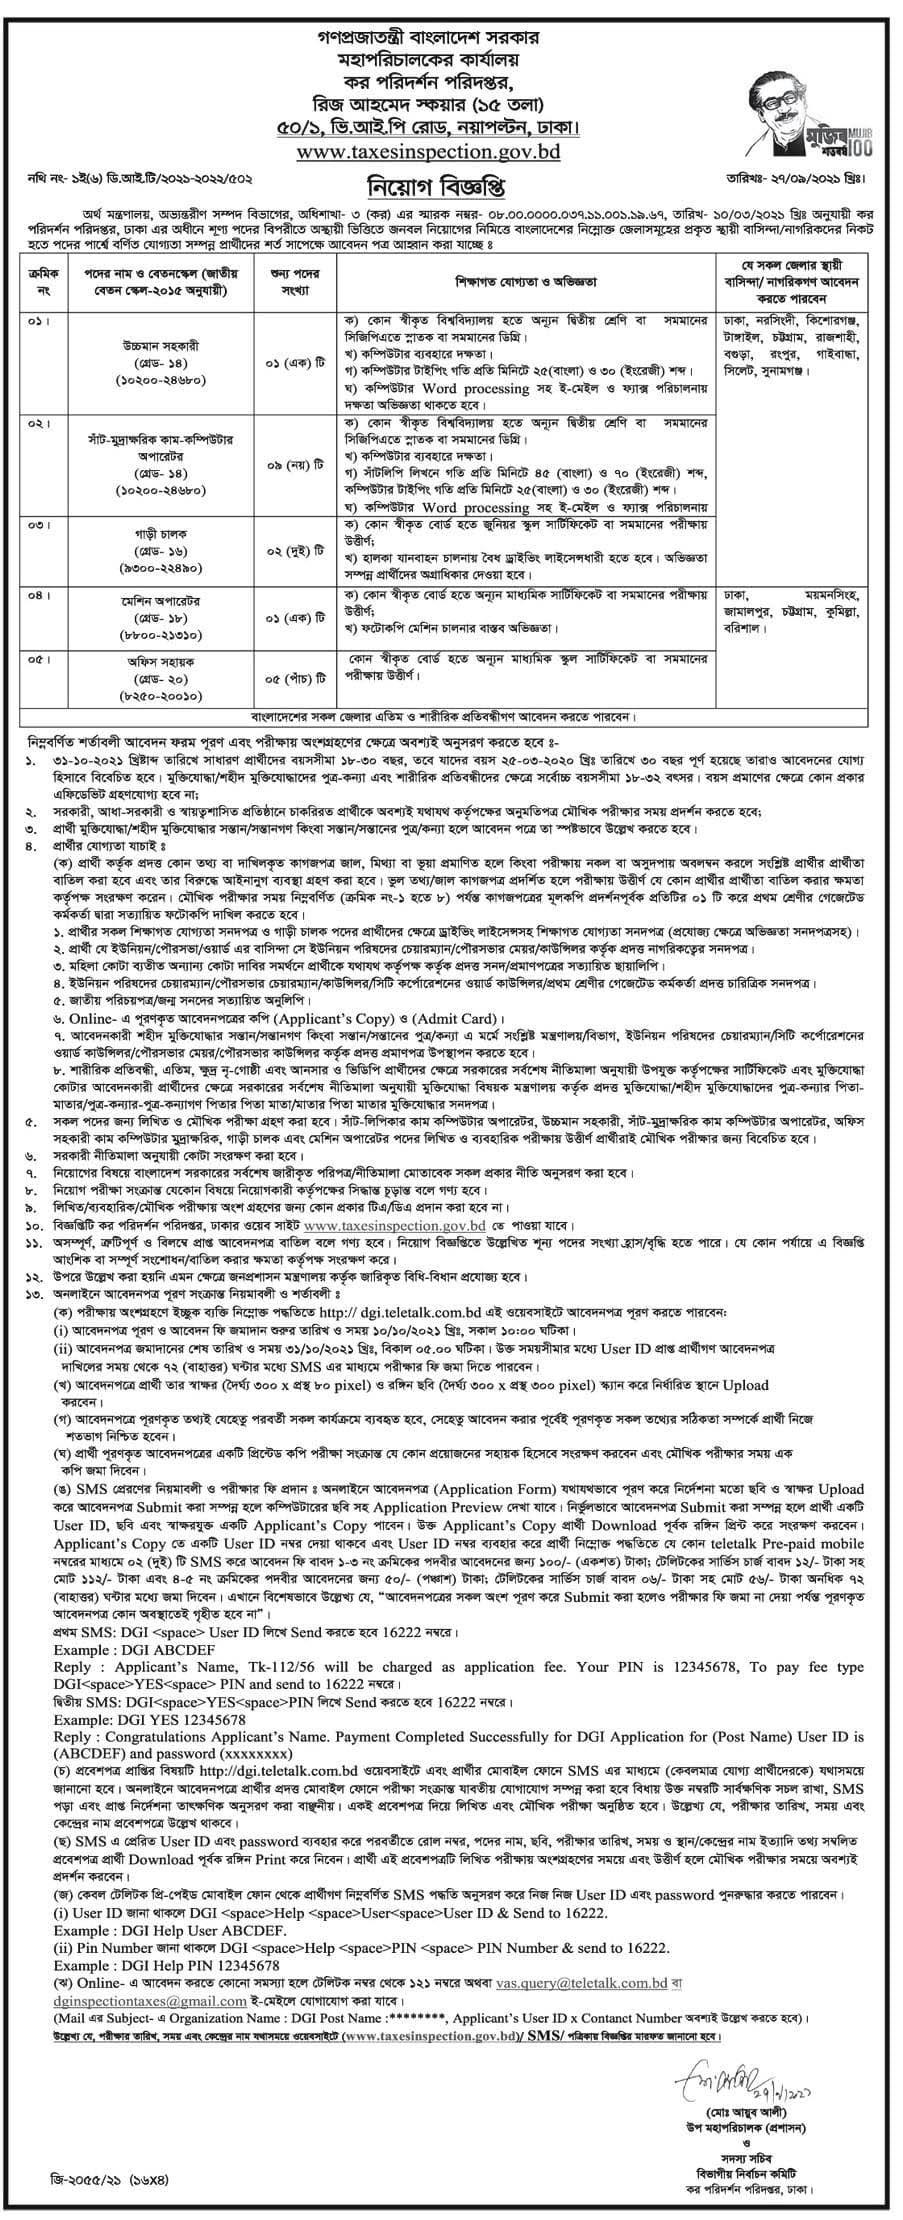 পরিদর্শন-পরিদপ্তর-নিয়োগ-২০২১